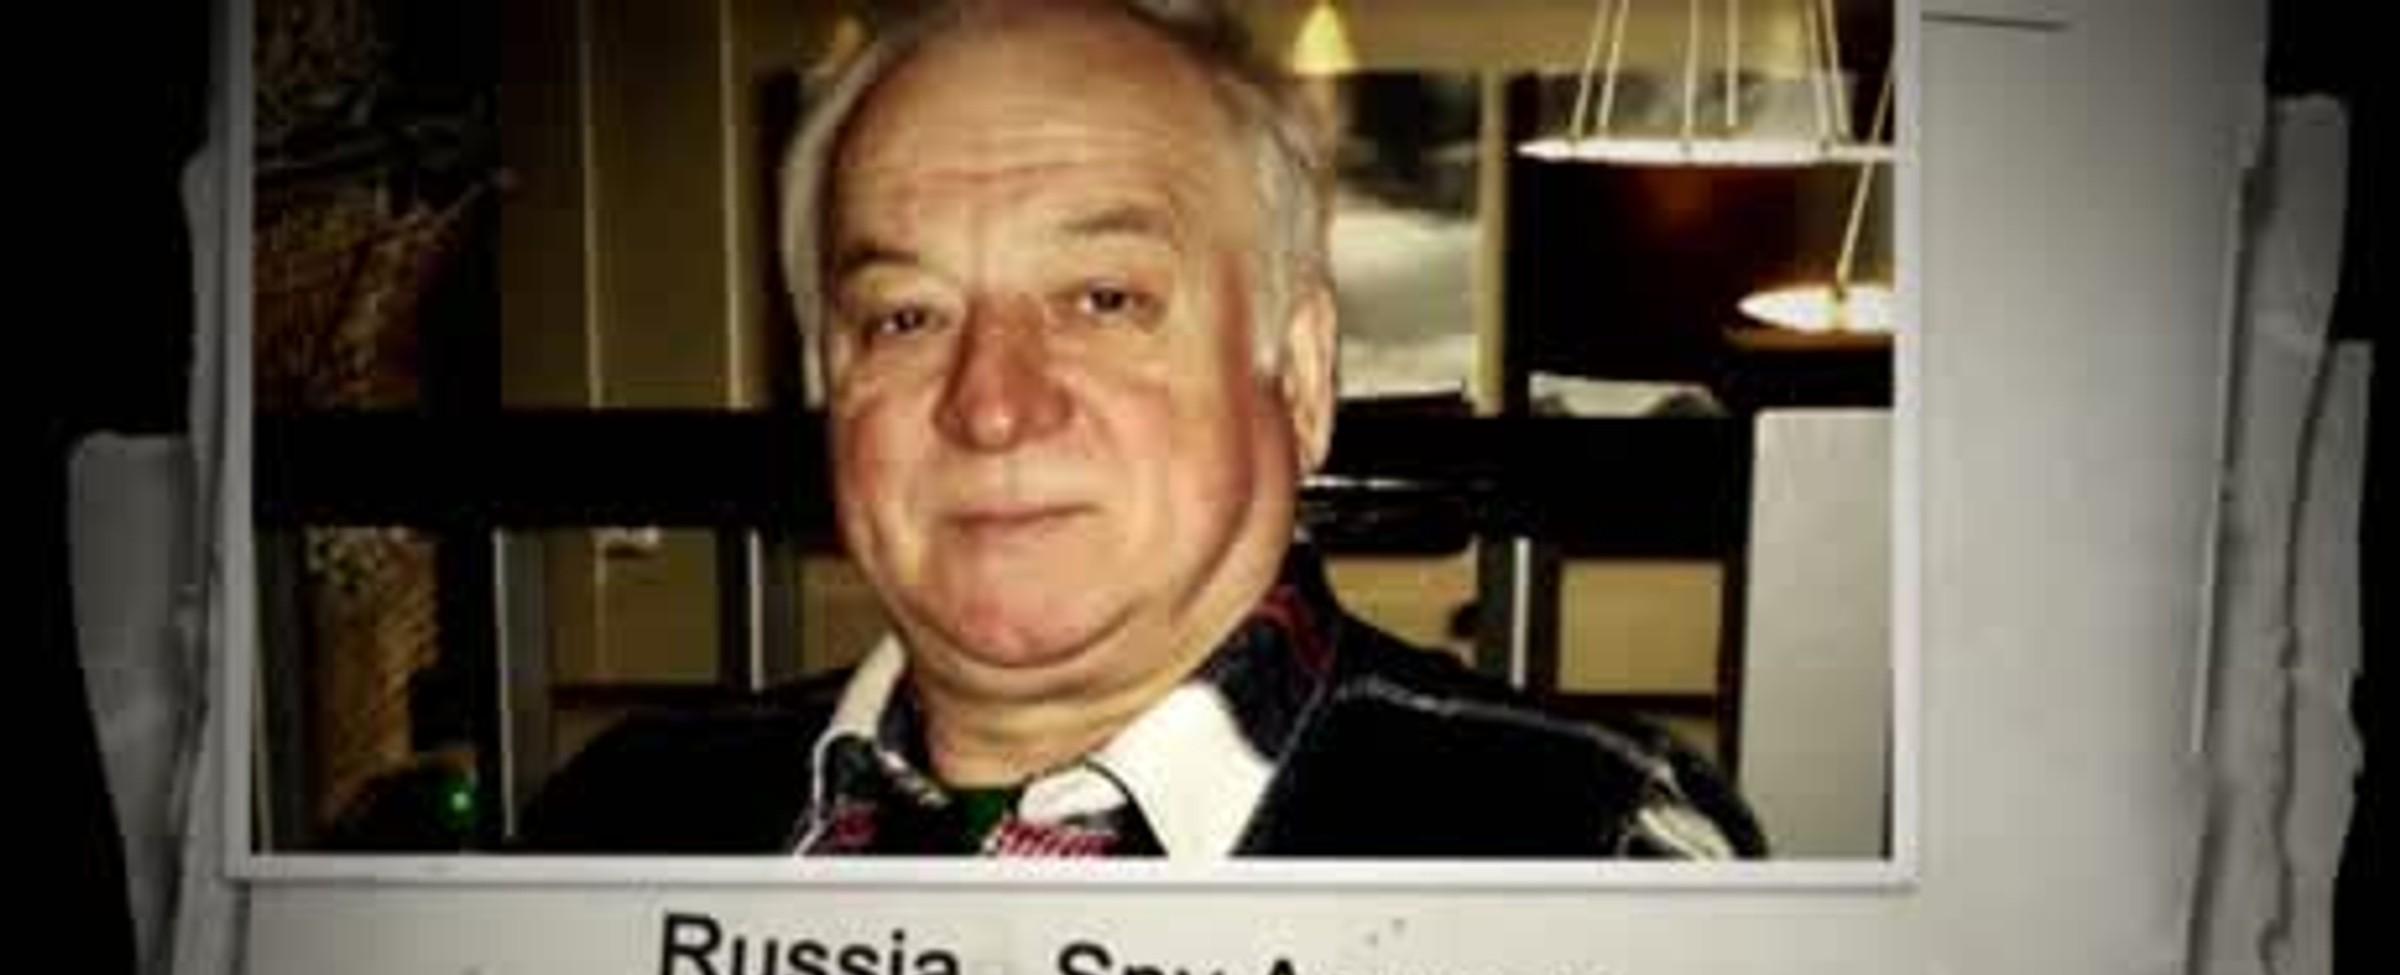 Ruští špionážní atentátníci